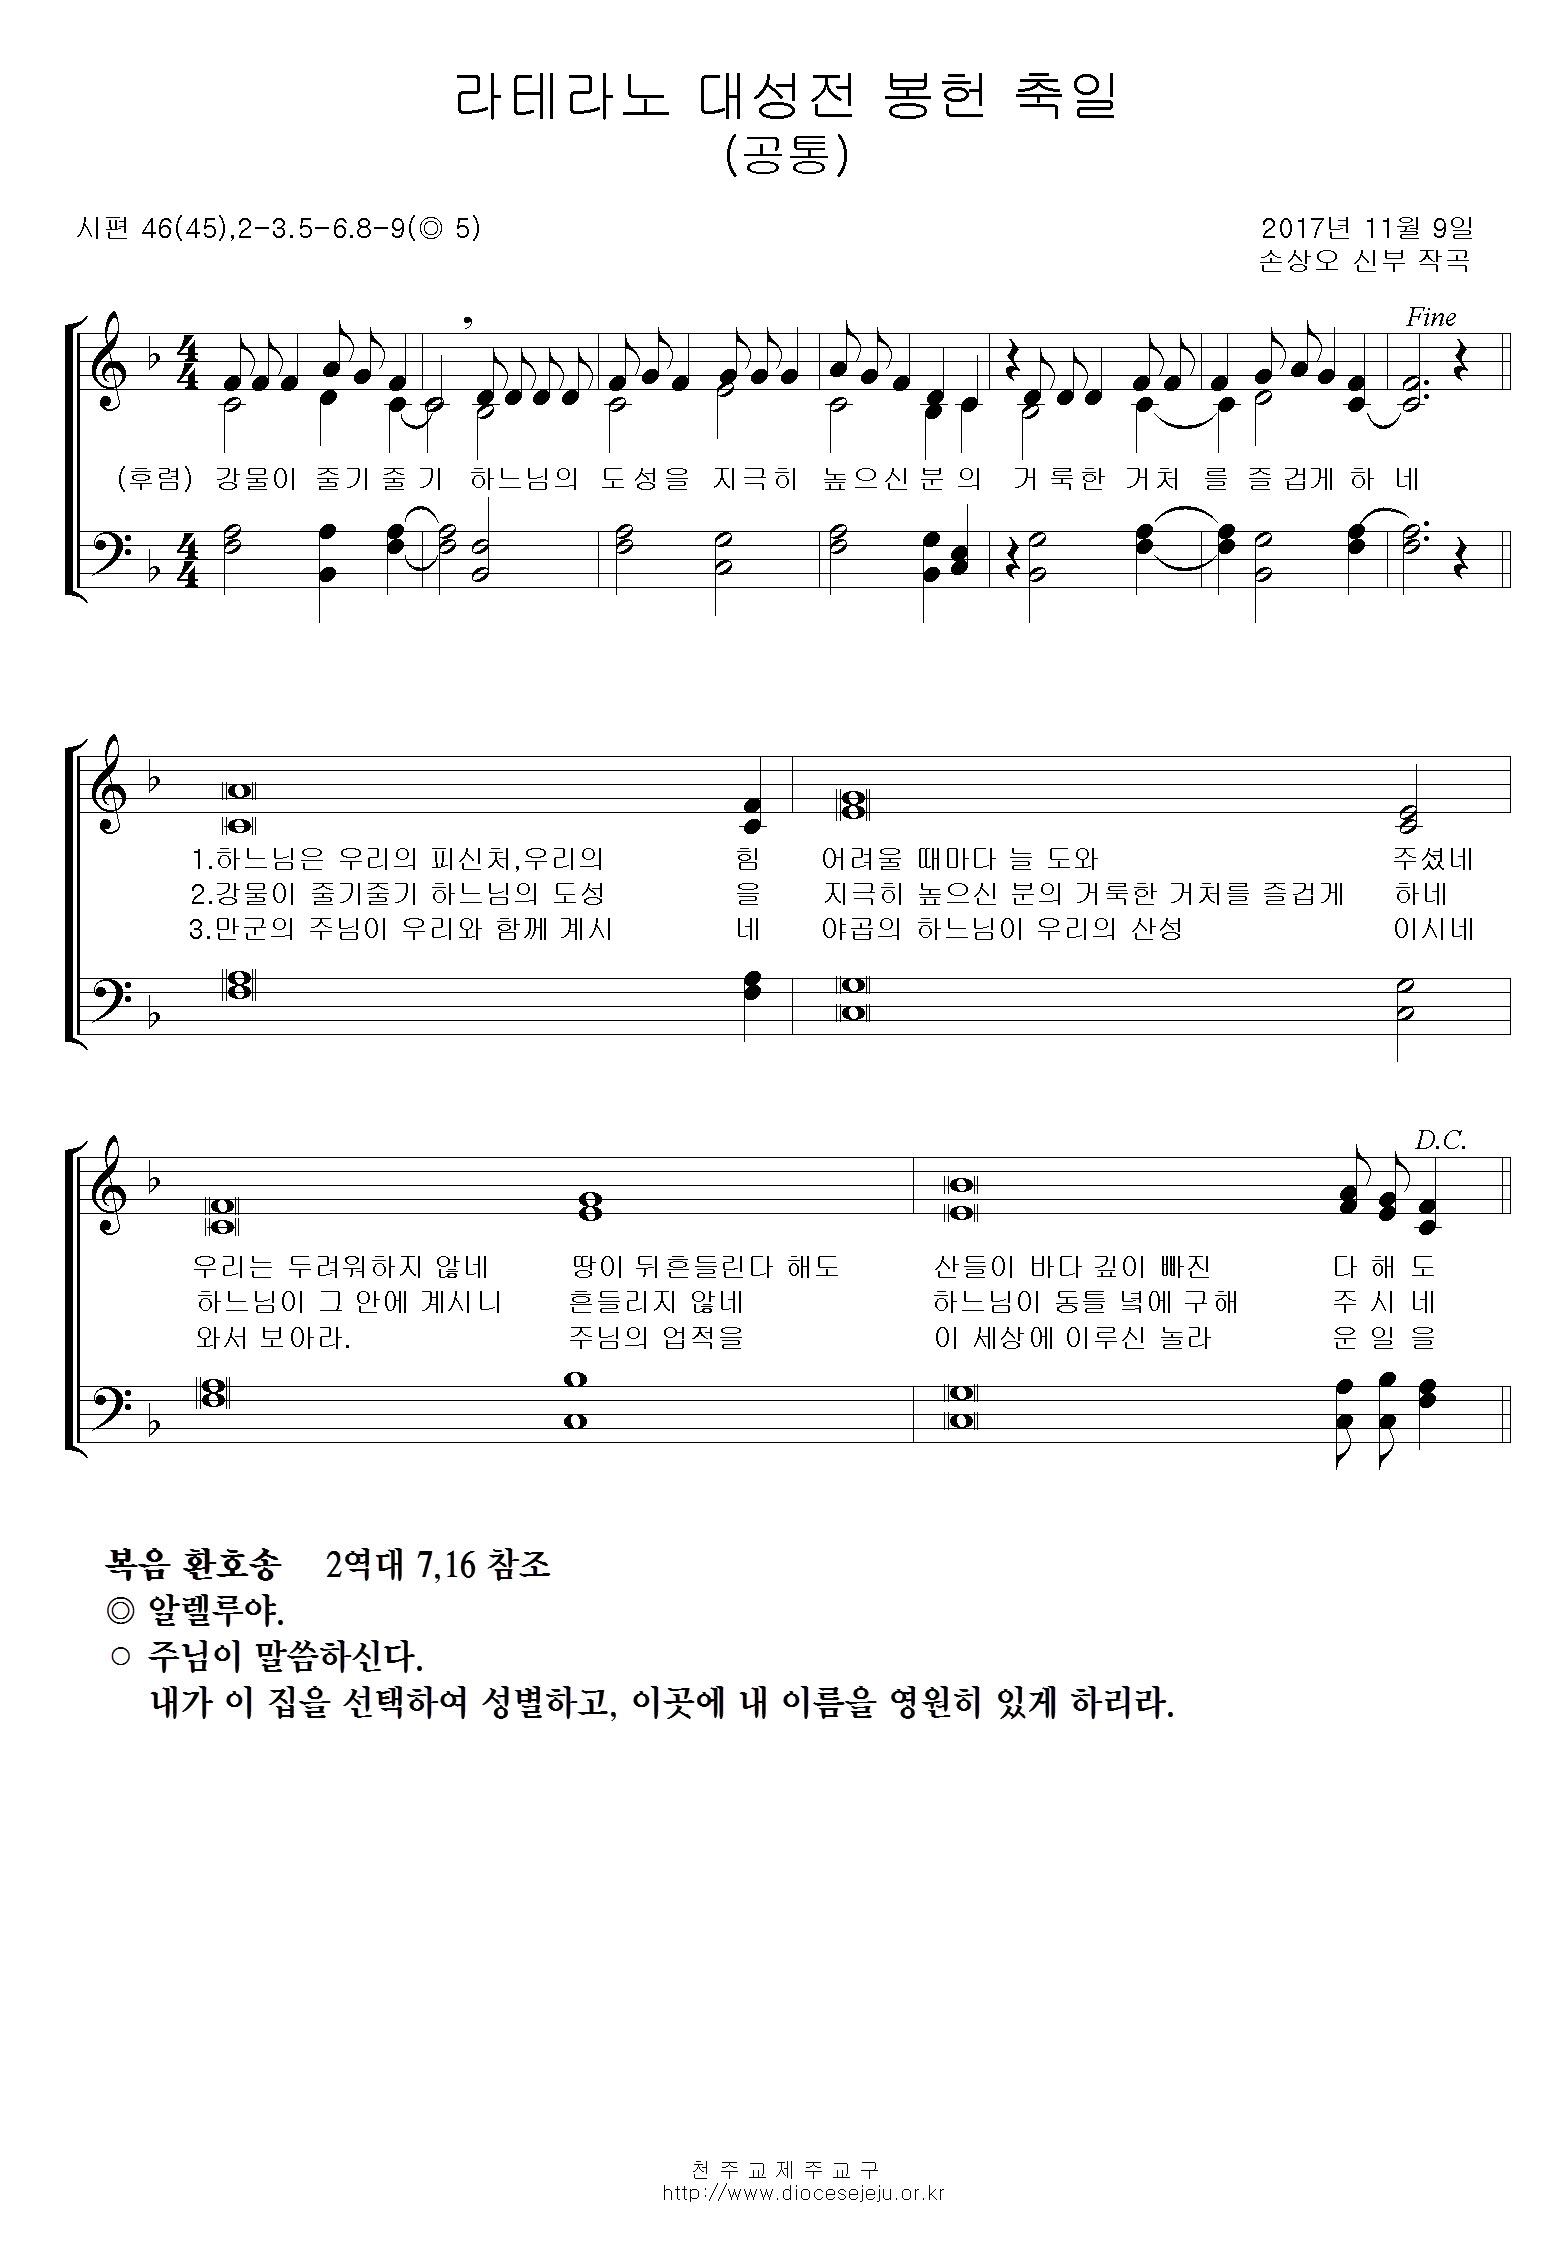 20171109-라테라노 대성전 봉헌 축일(공통).jpg